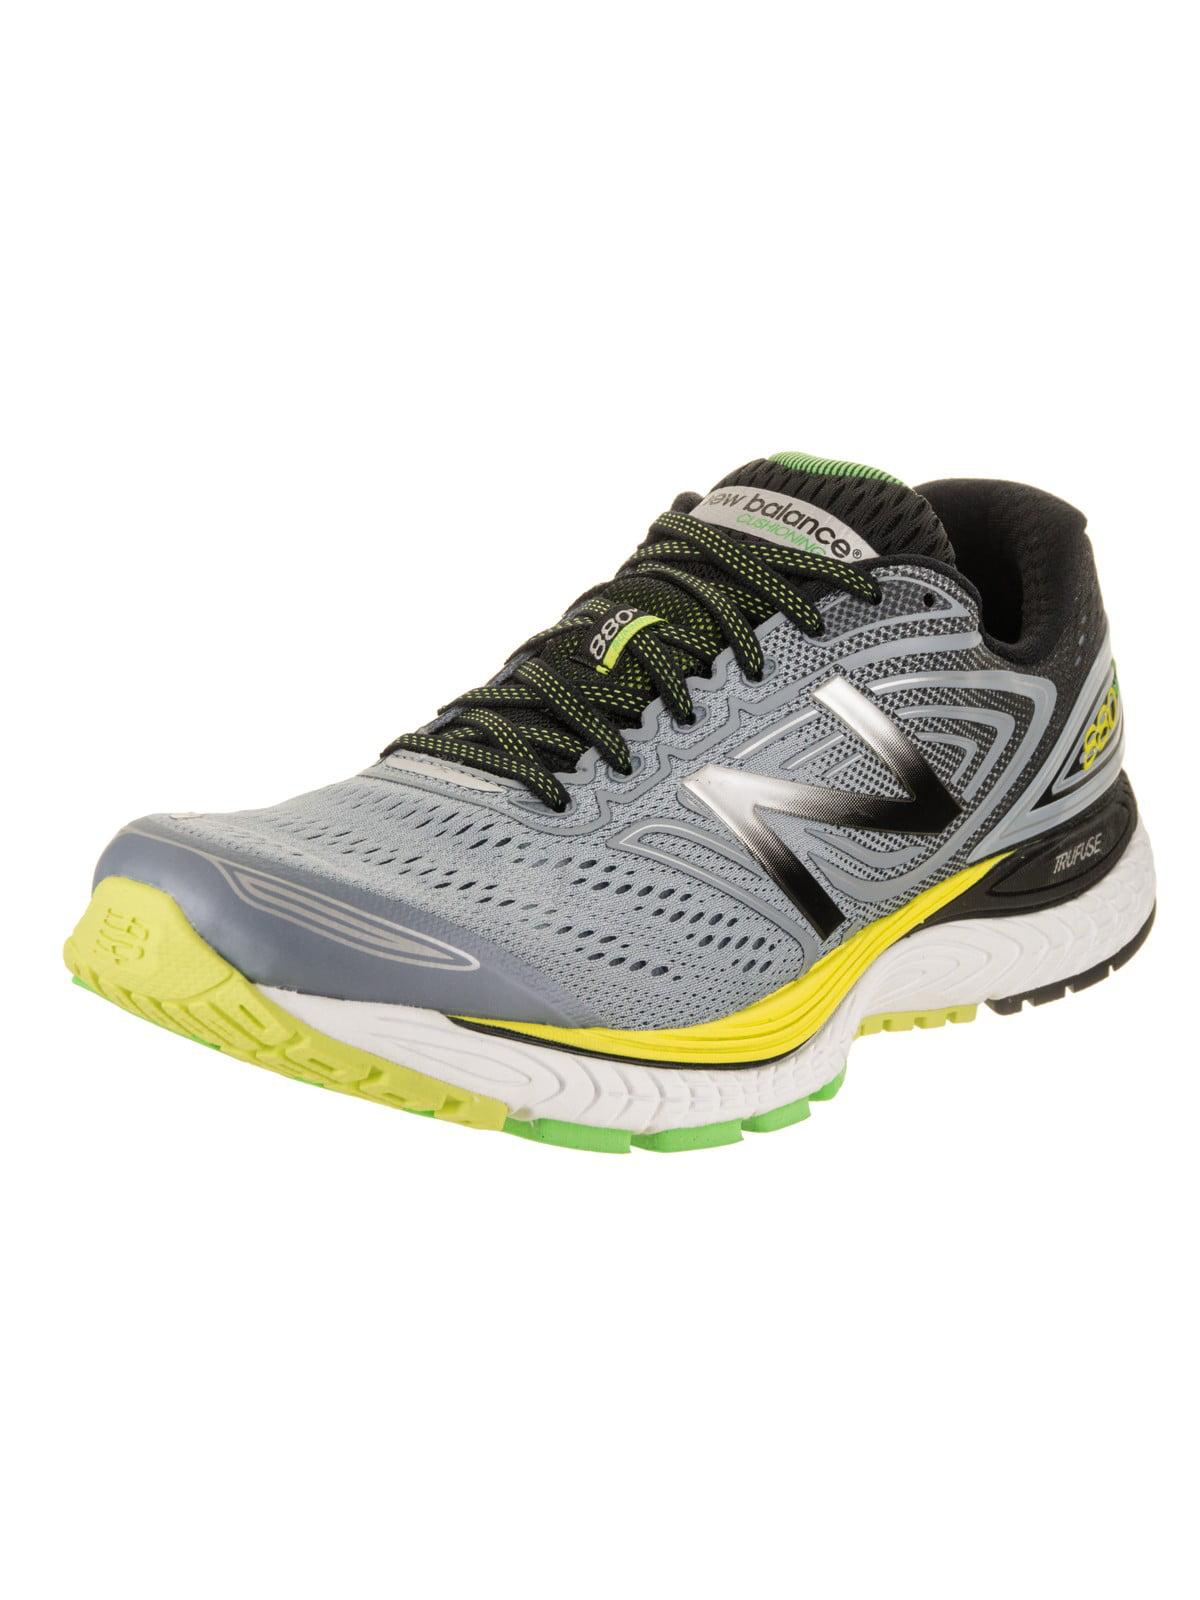 New Balance Men's 880v7 - 4E Running Shoe